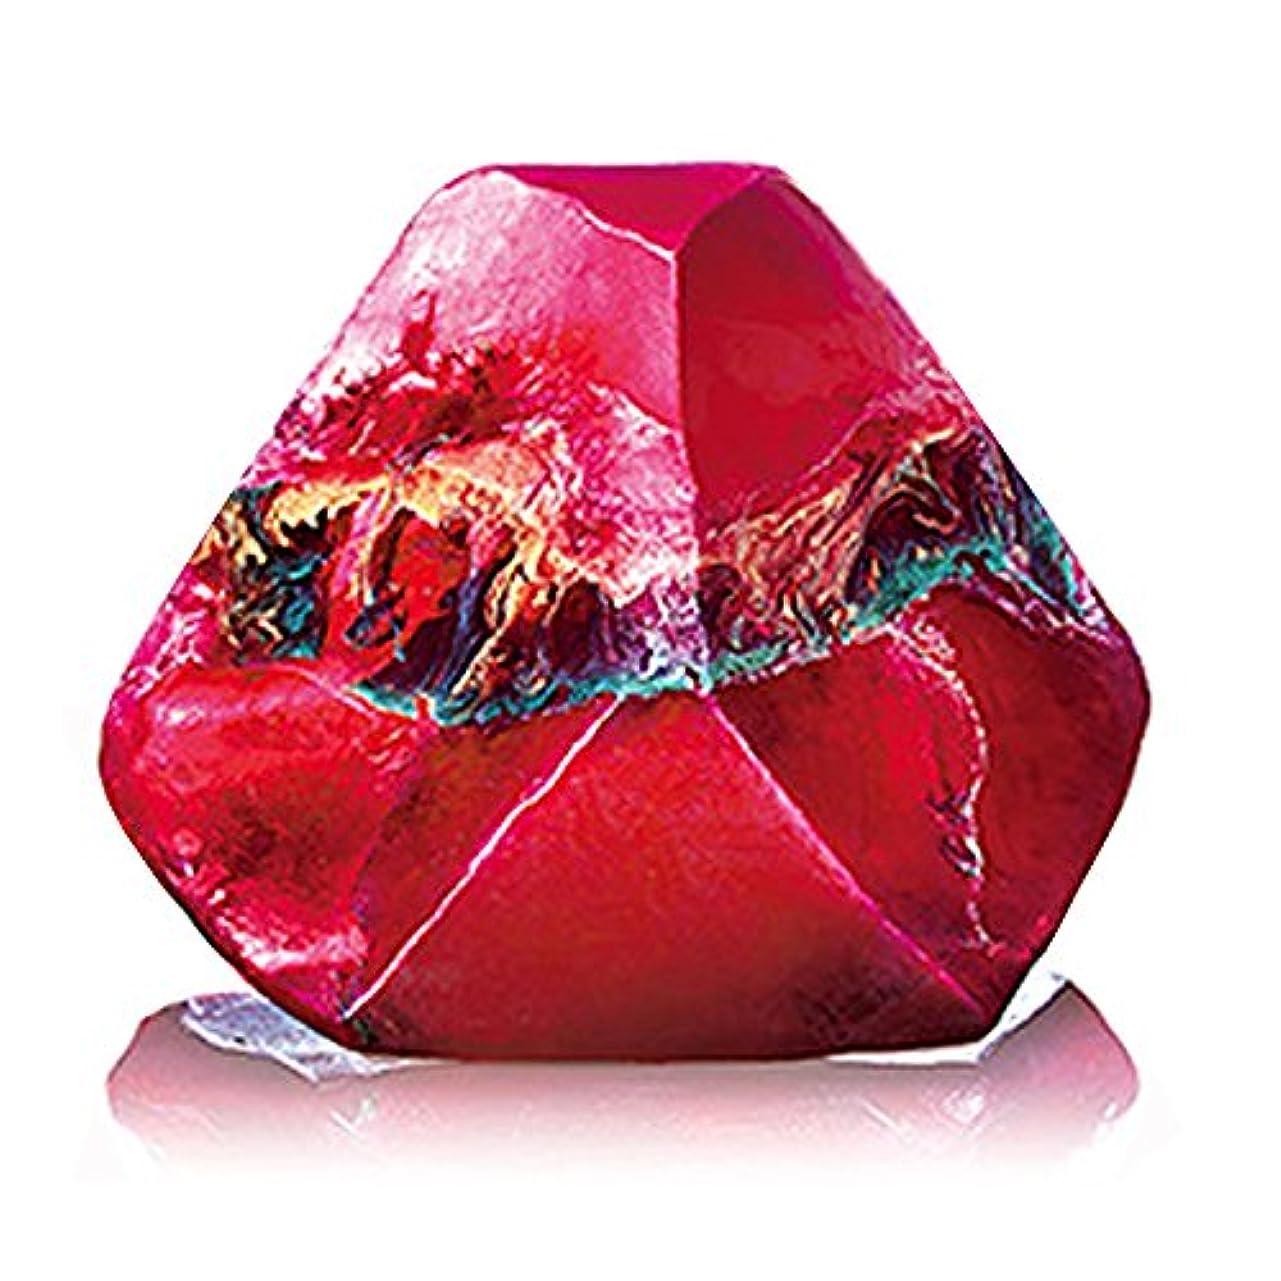 スポンサー滅多開示するSavons Gemme サボンジェム 世界で一番美しい宝石石鹸 フレグランス ソープ ガーネット ミニ 114g